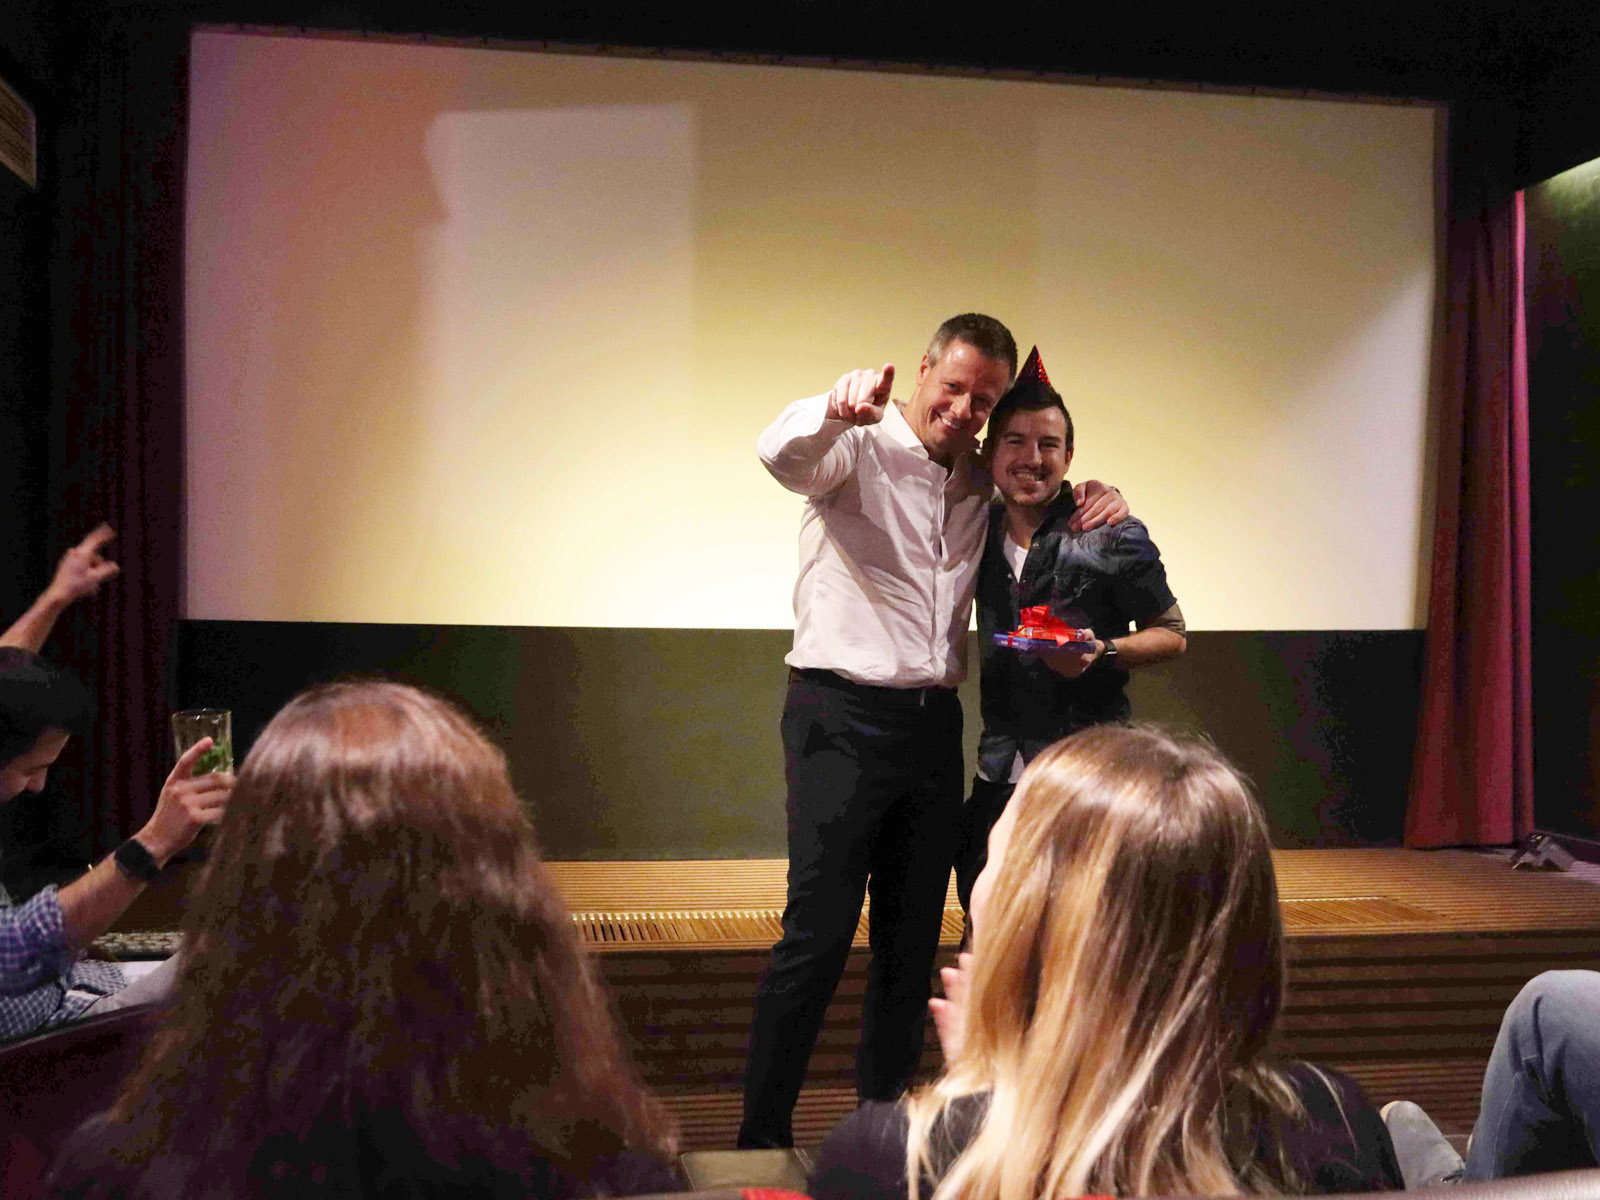 KinoEvent Geburtstagskind mit Partyhut wird gefeiert